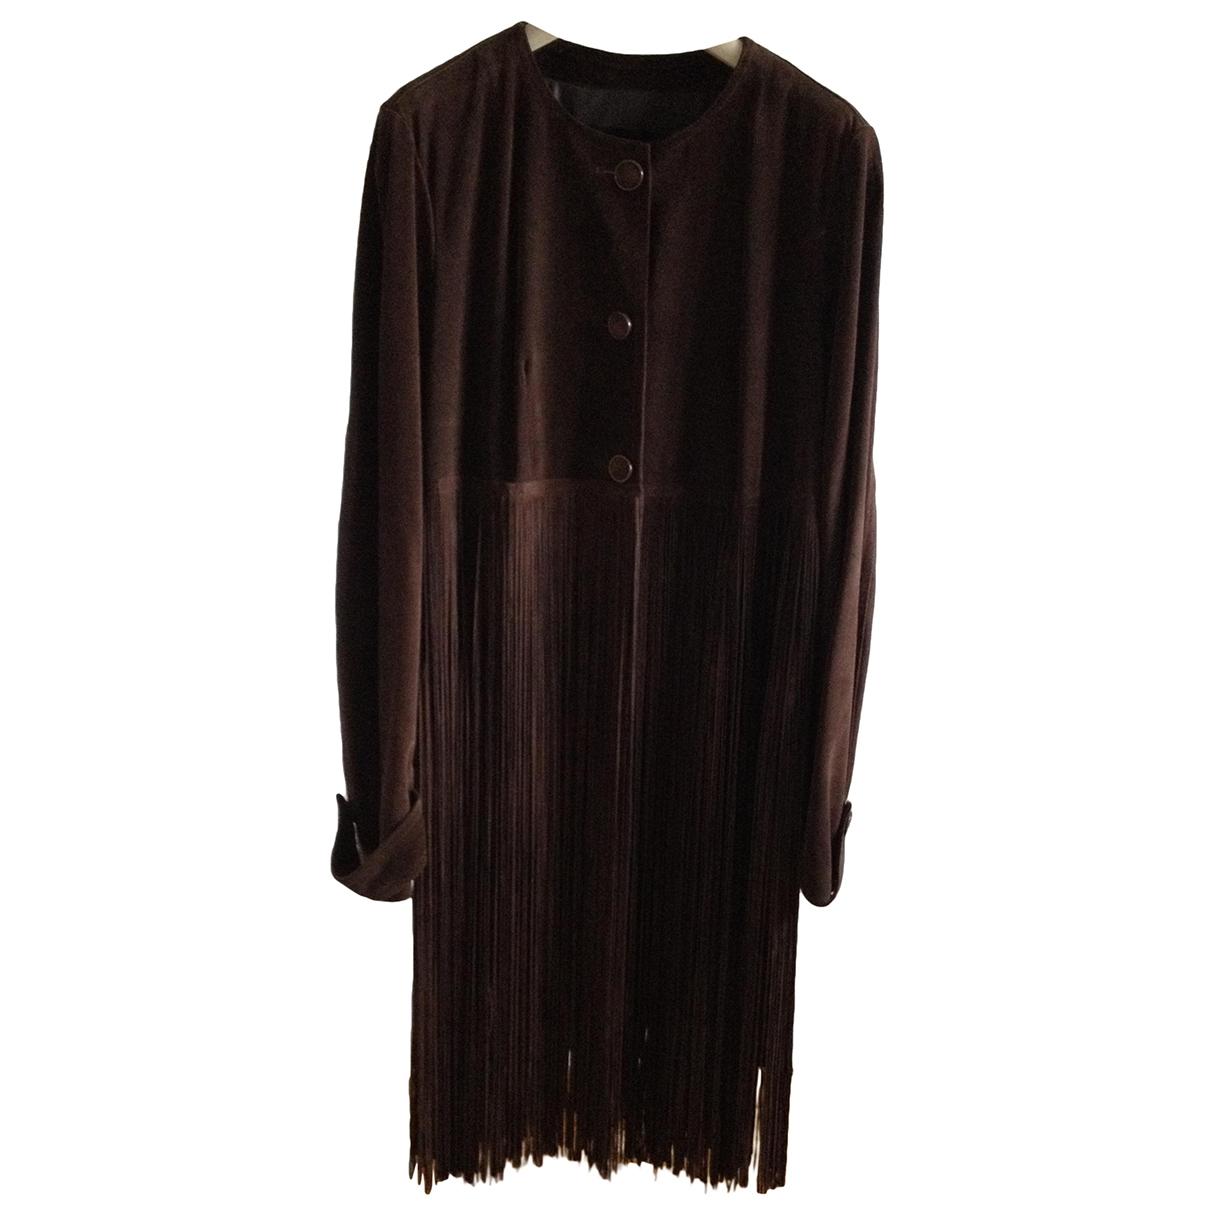 Plein Sud \N Brown Suede coat for Women 44 FR